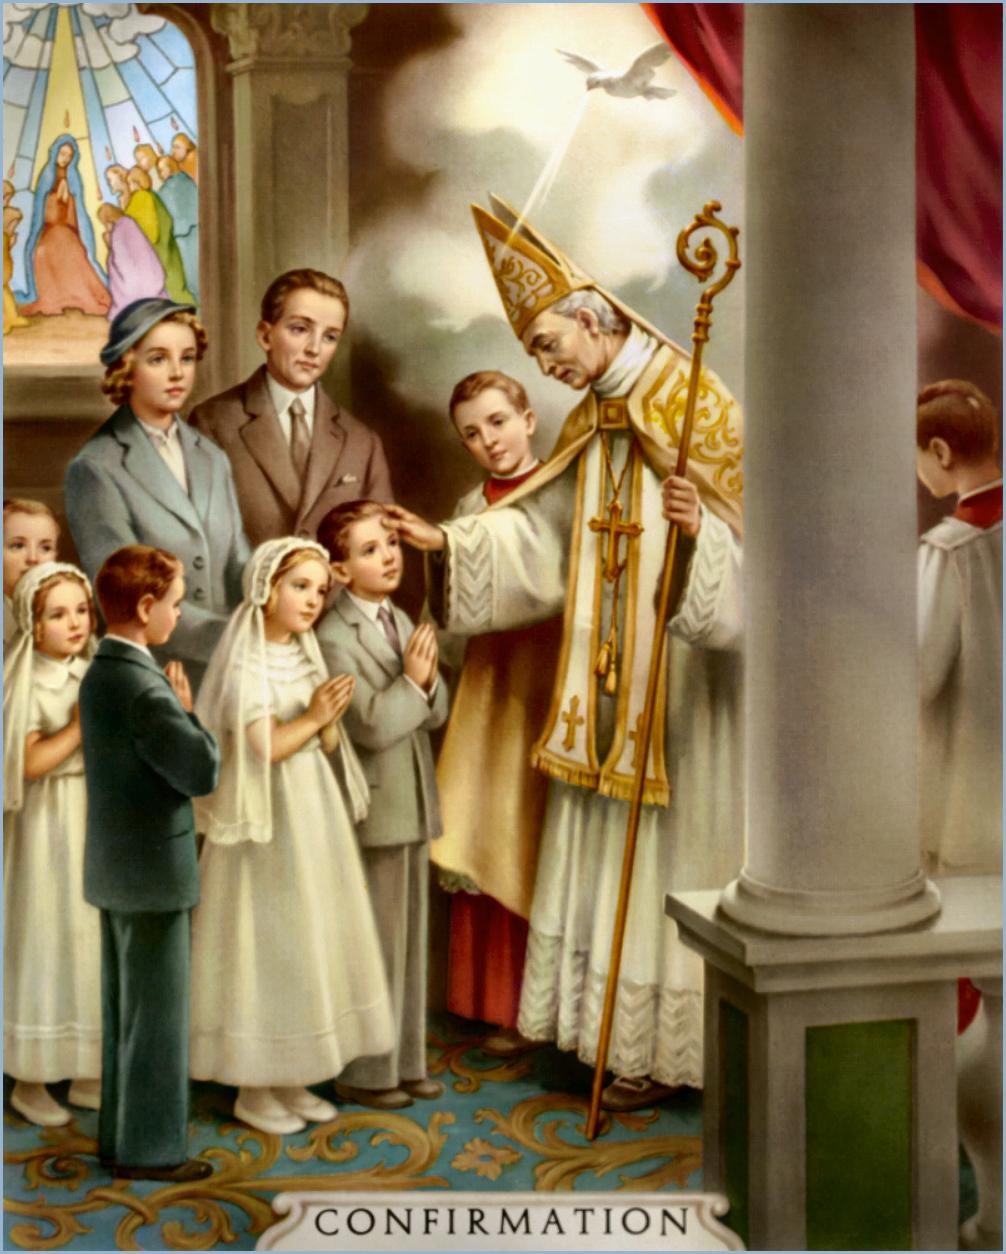 sacrament4 - The Beauty of the Roman Catholic Faith - Photos Unlimited